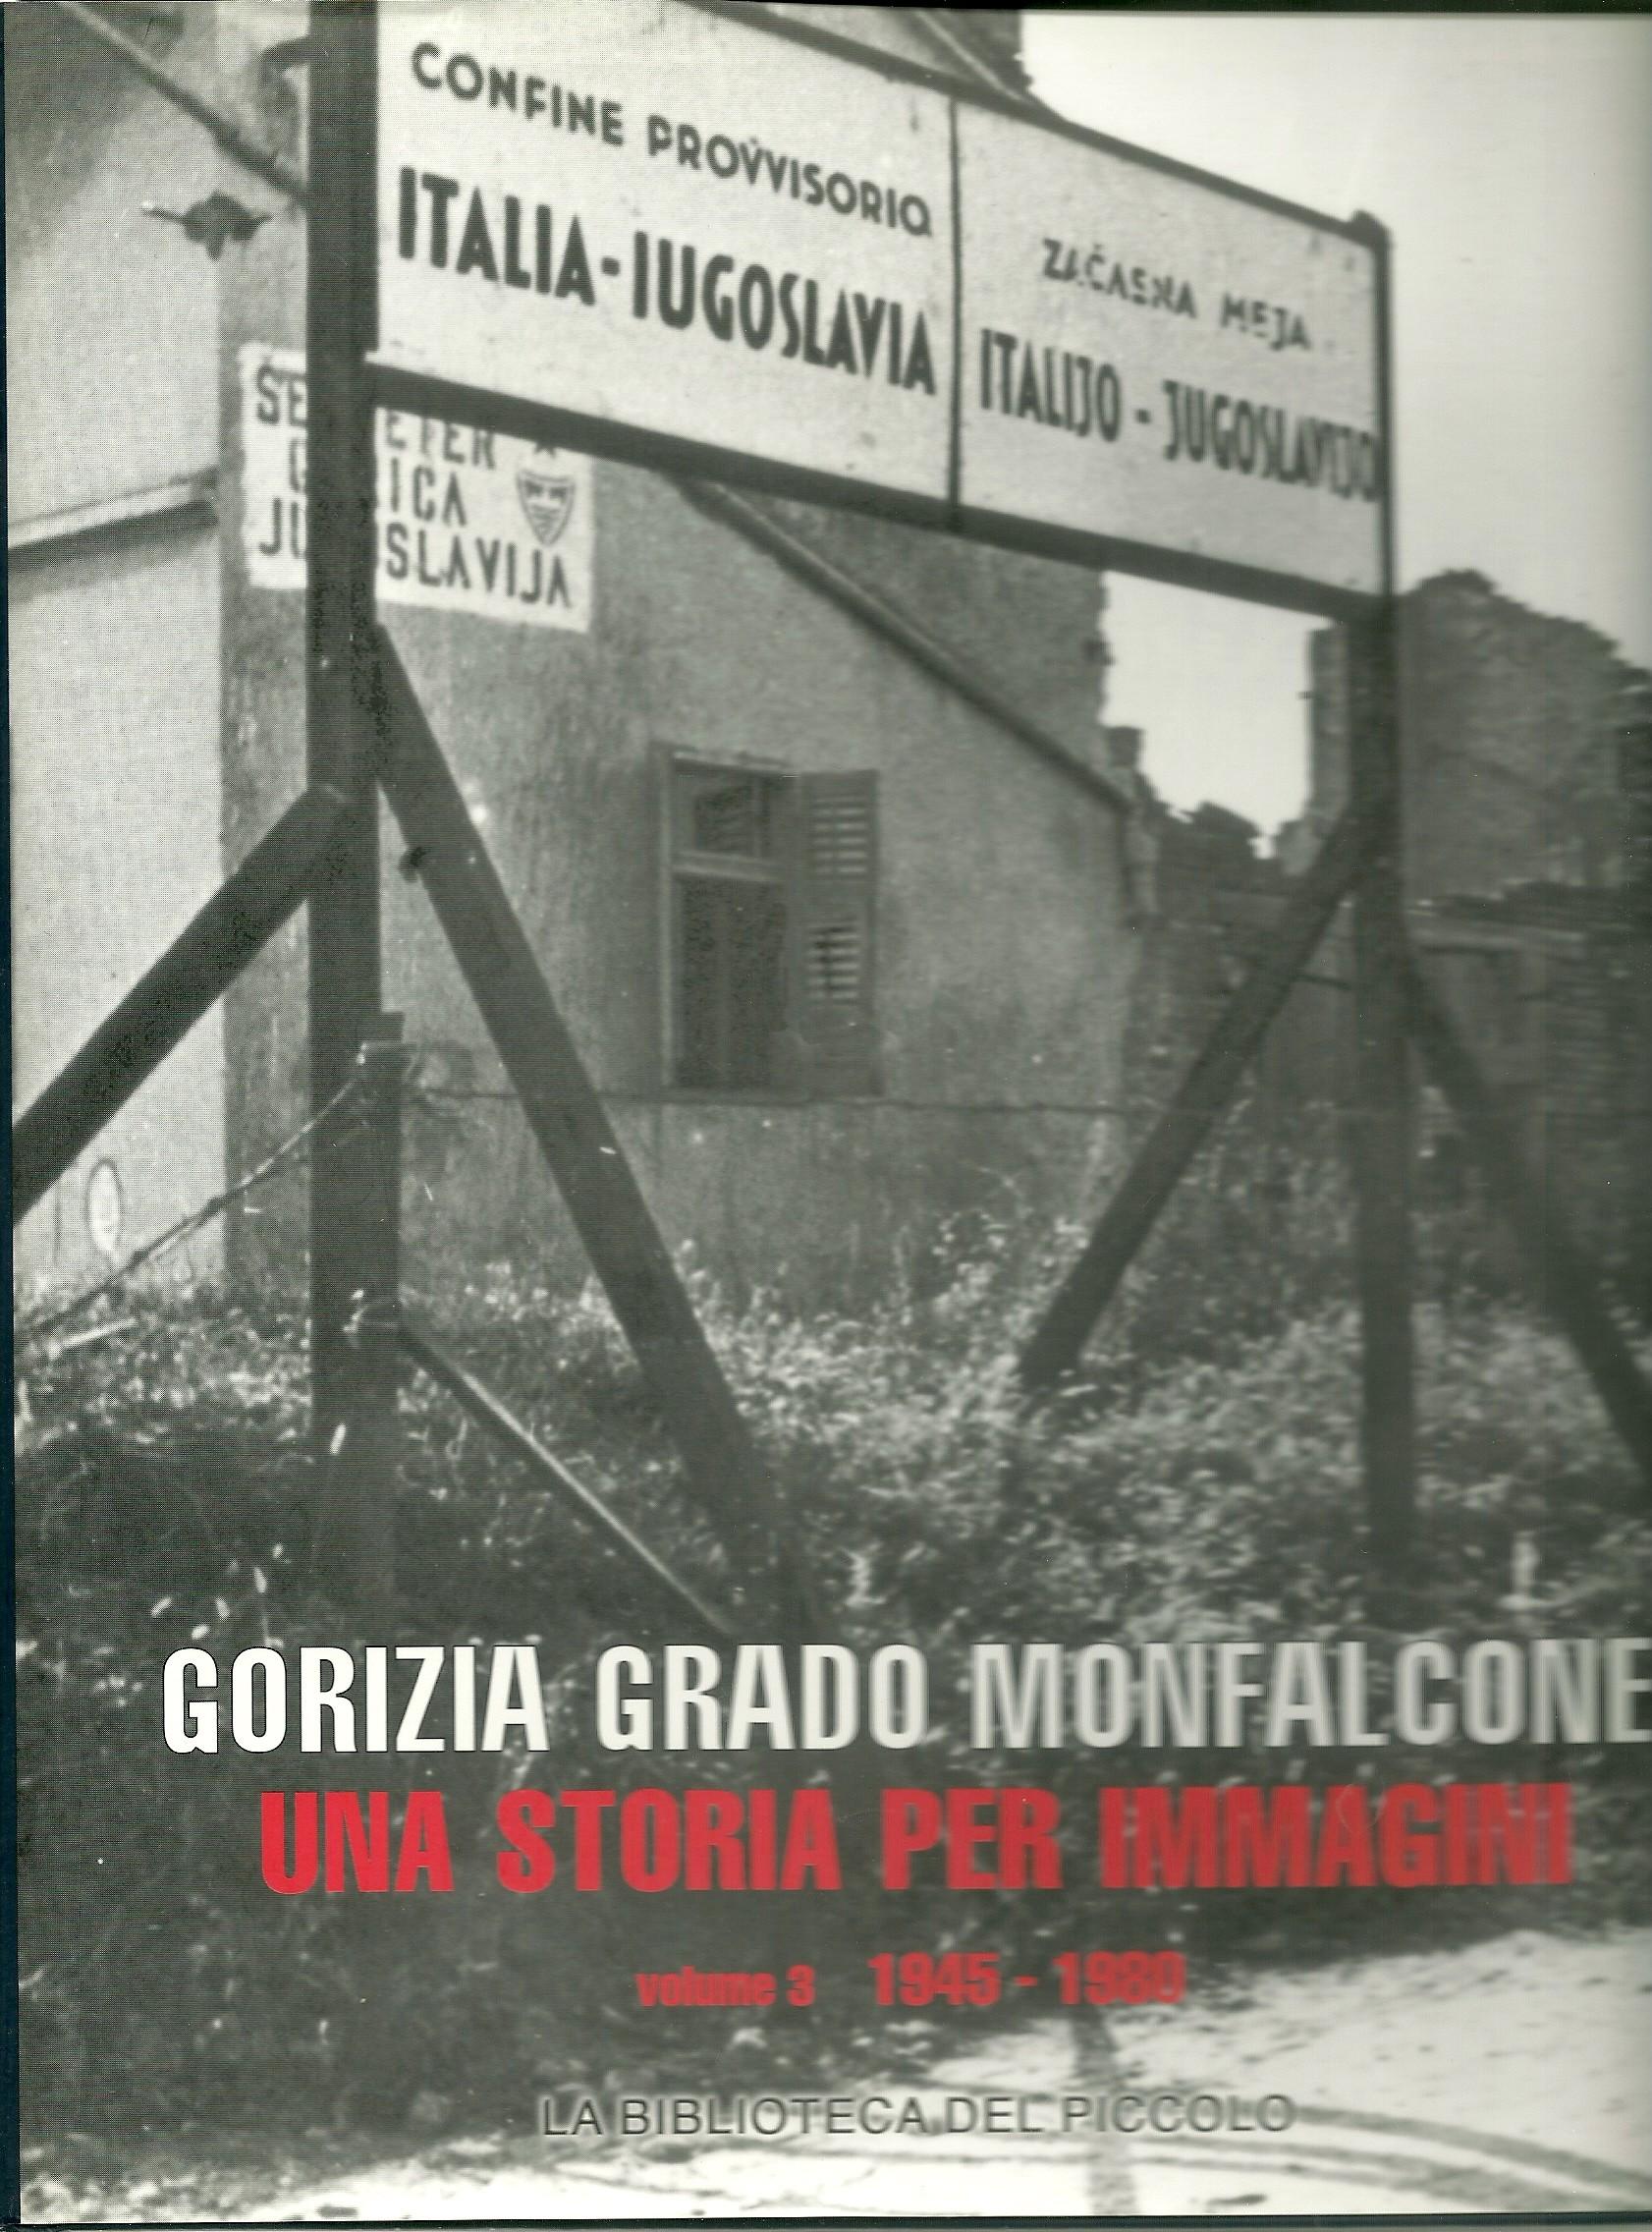 Gorizia, Grado, Monfalcone: una storia per immagini - Vol. 3